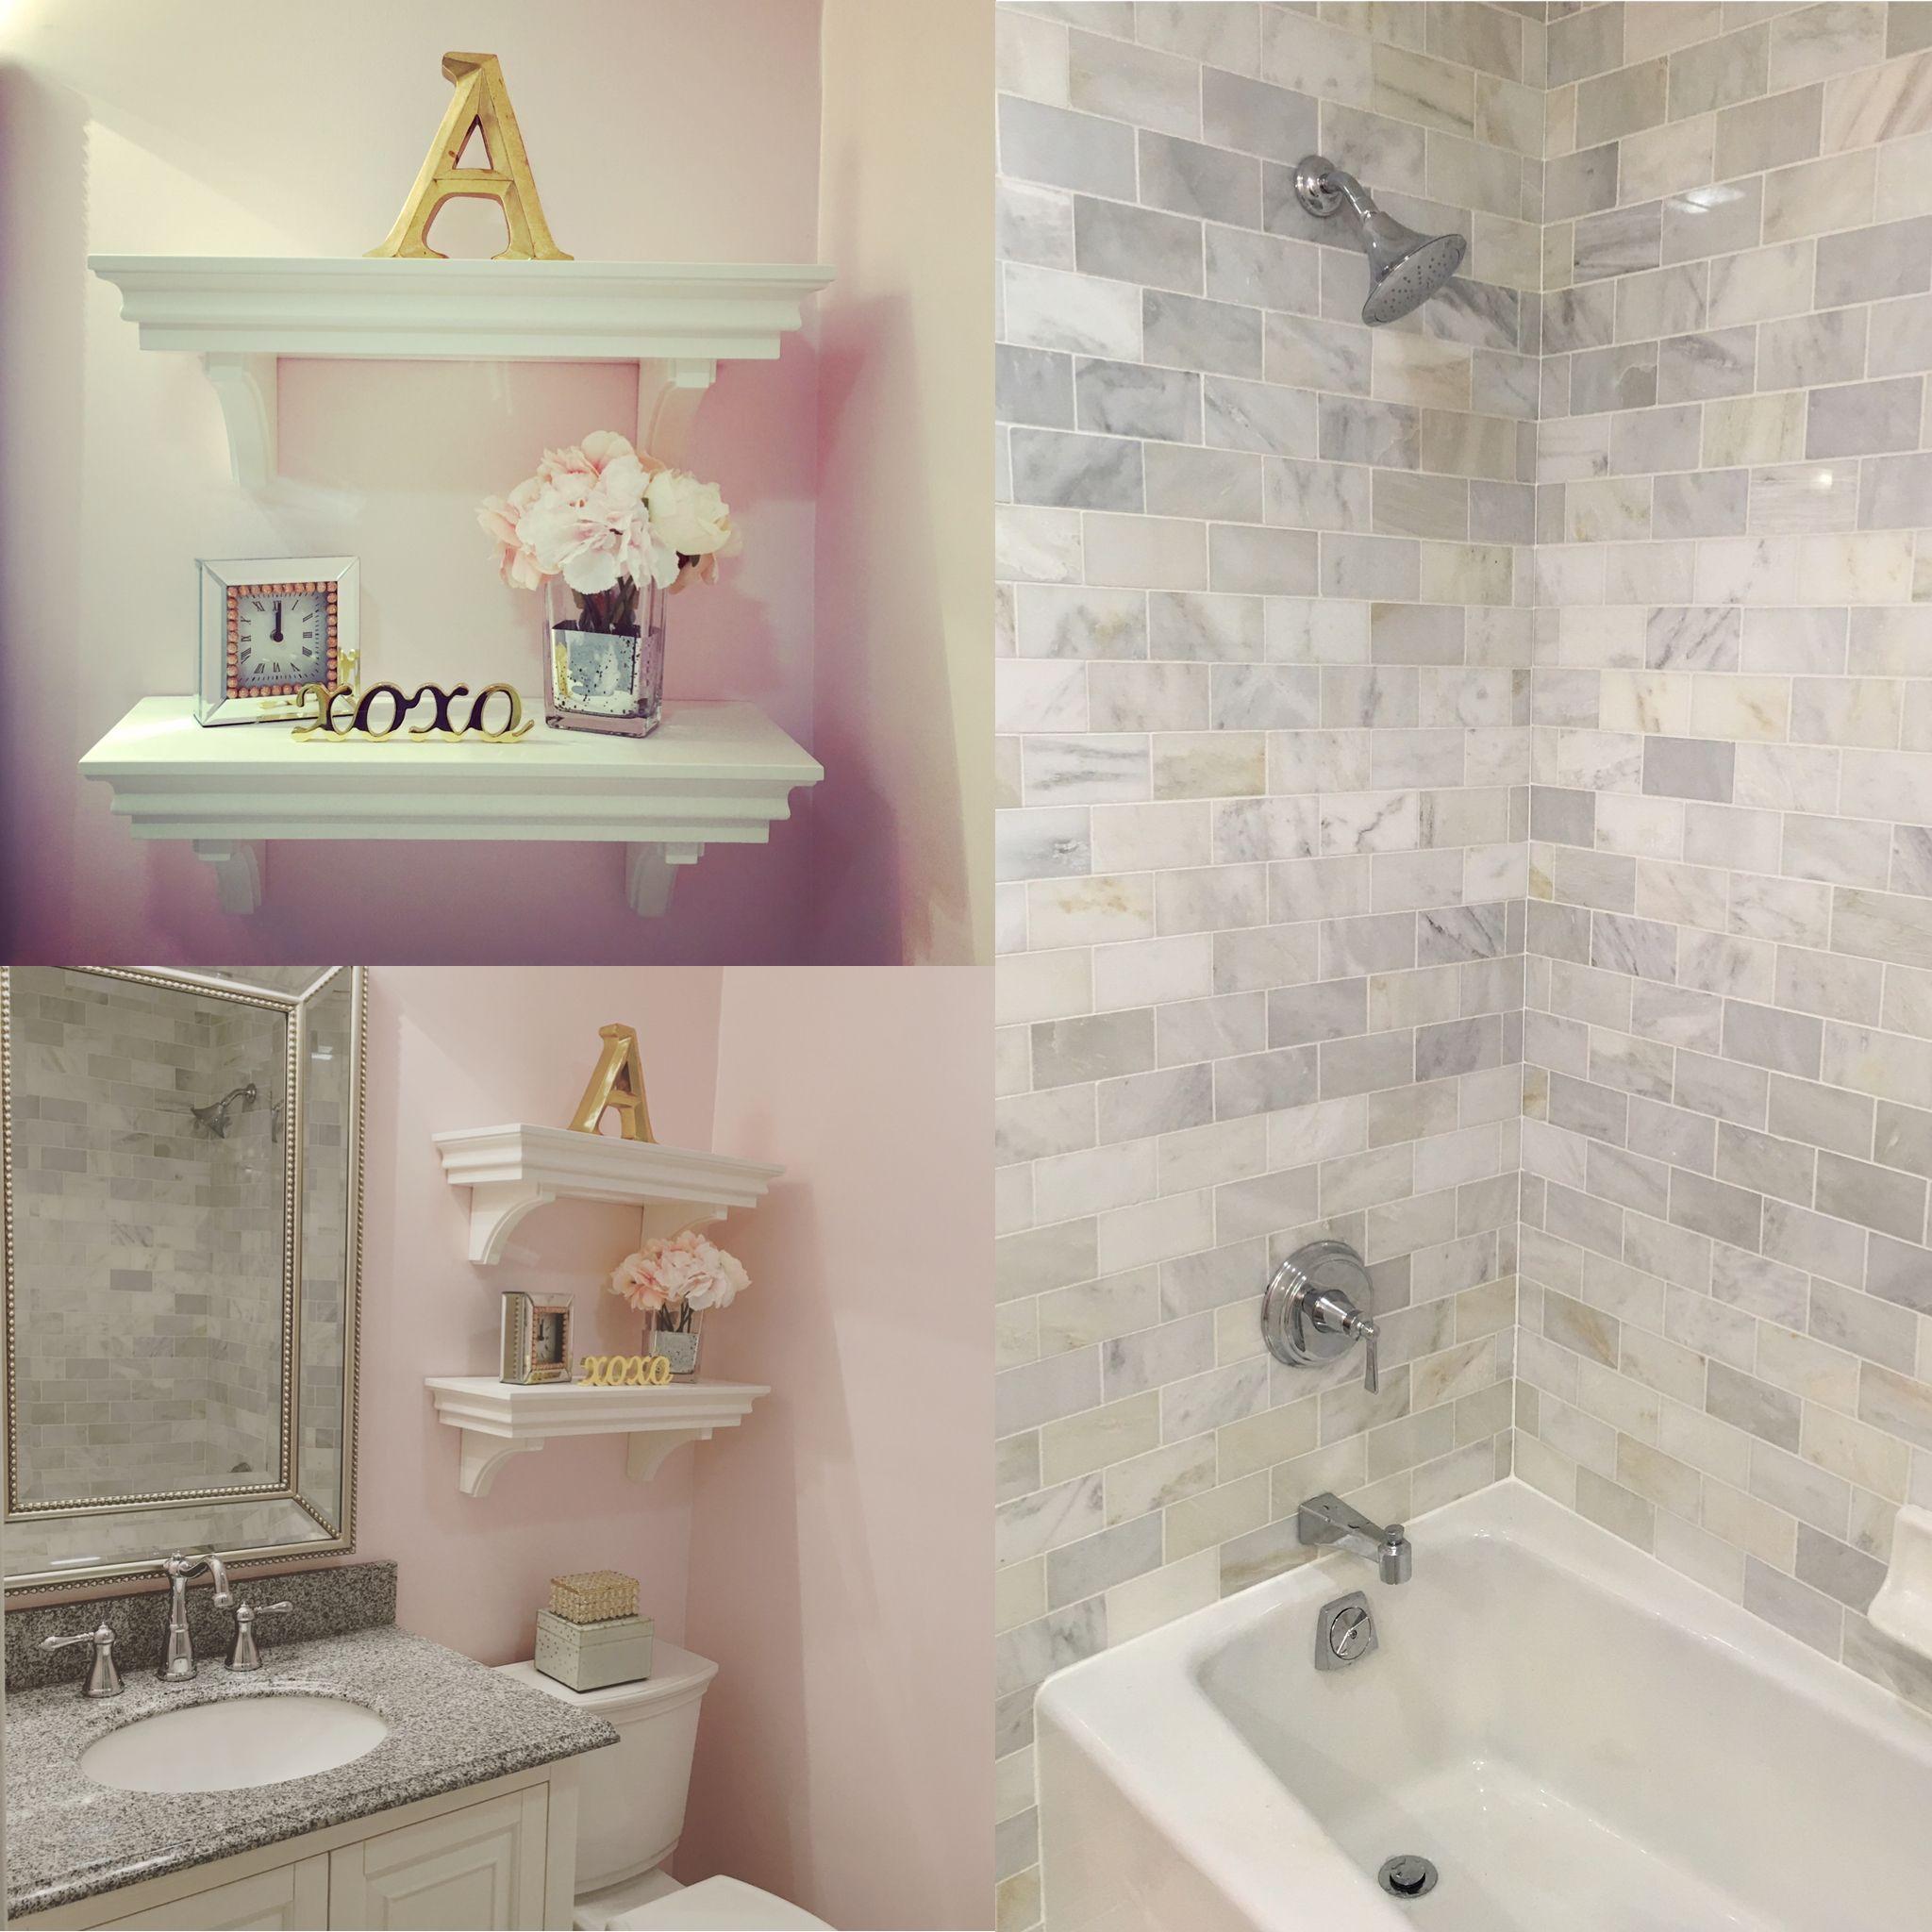 Bathroom shelving decor Shelves from Pottery Barn Kids Decor from TJ ...